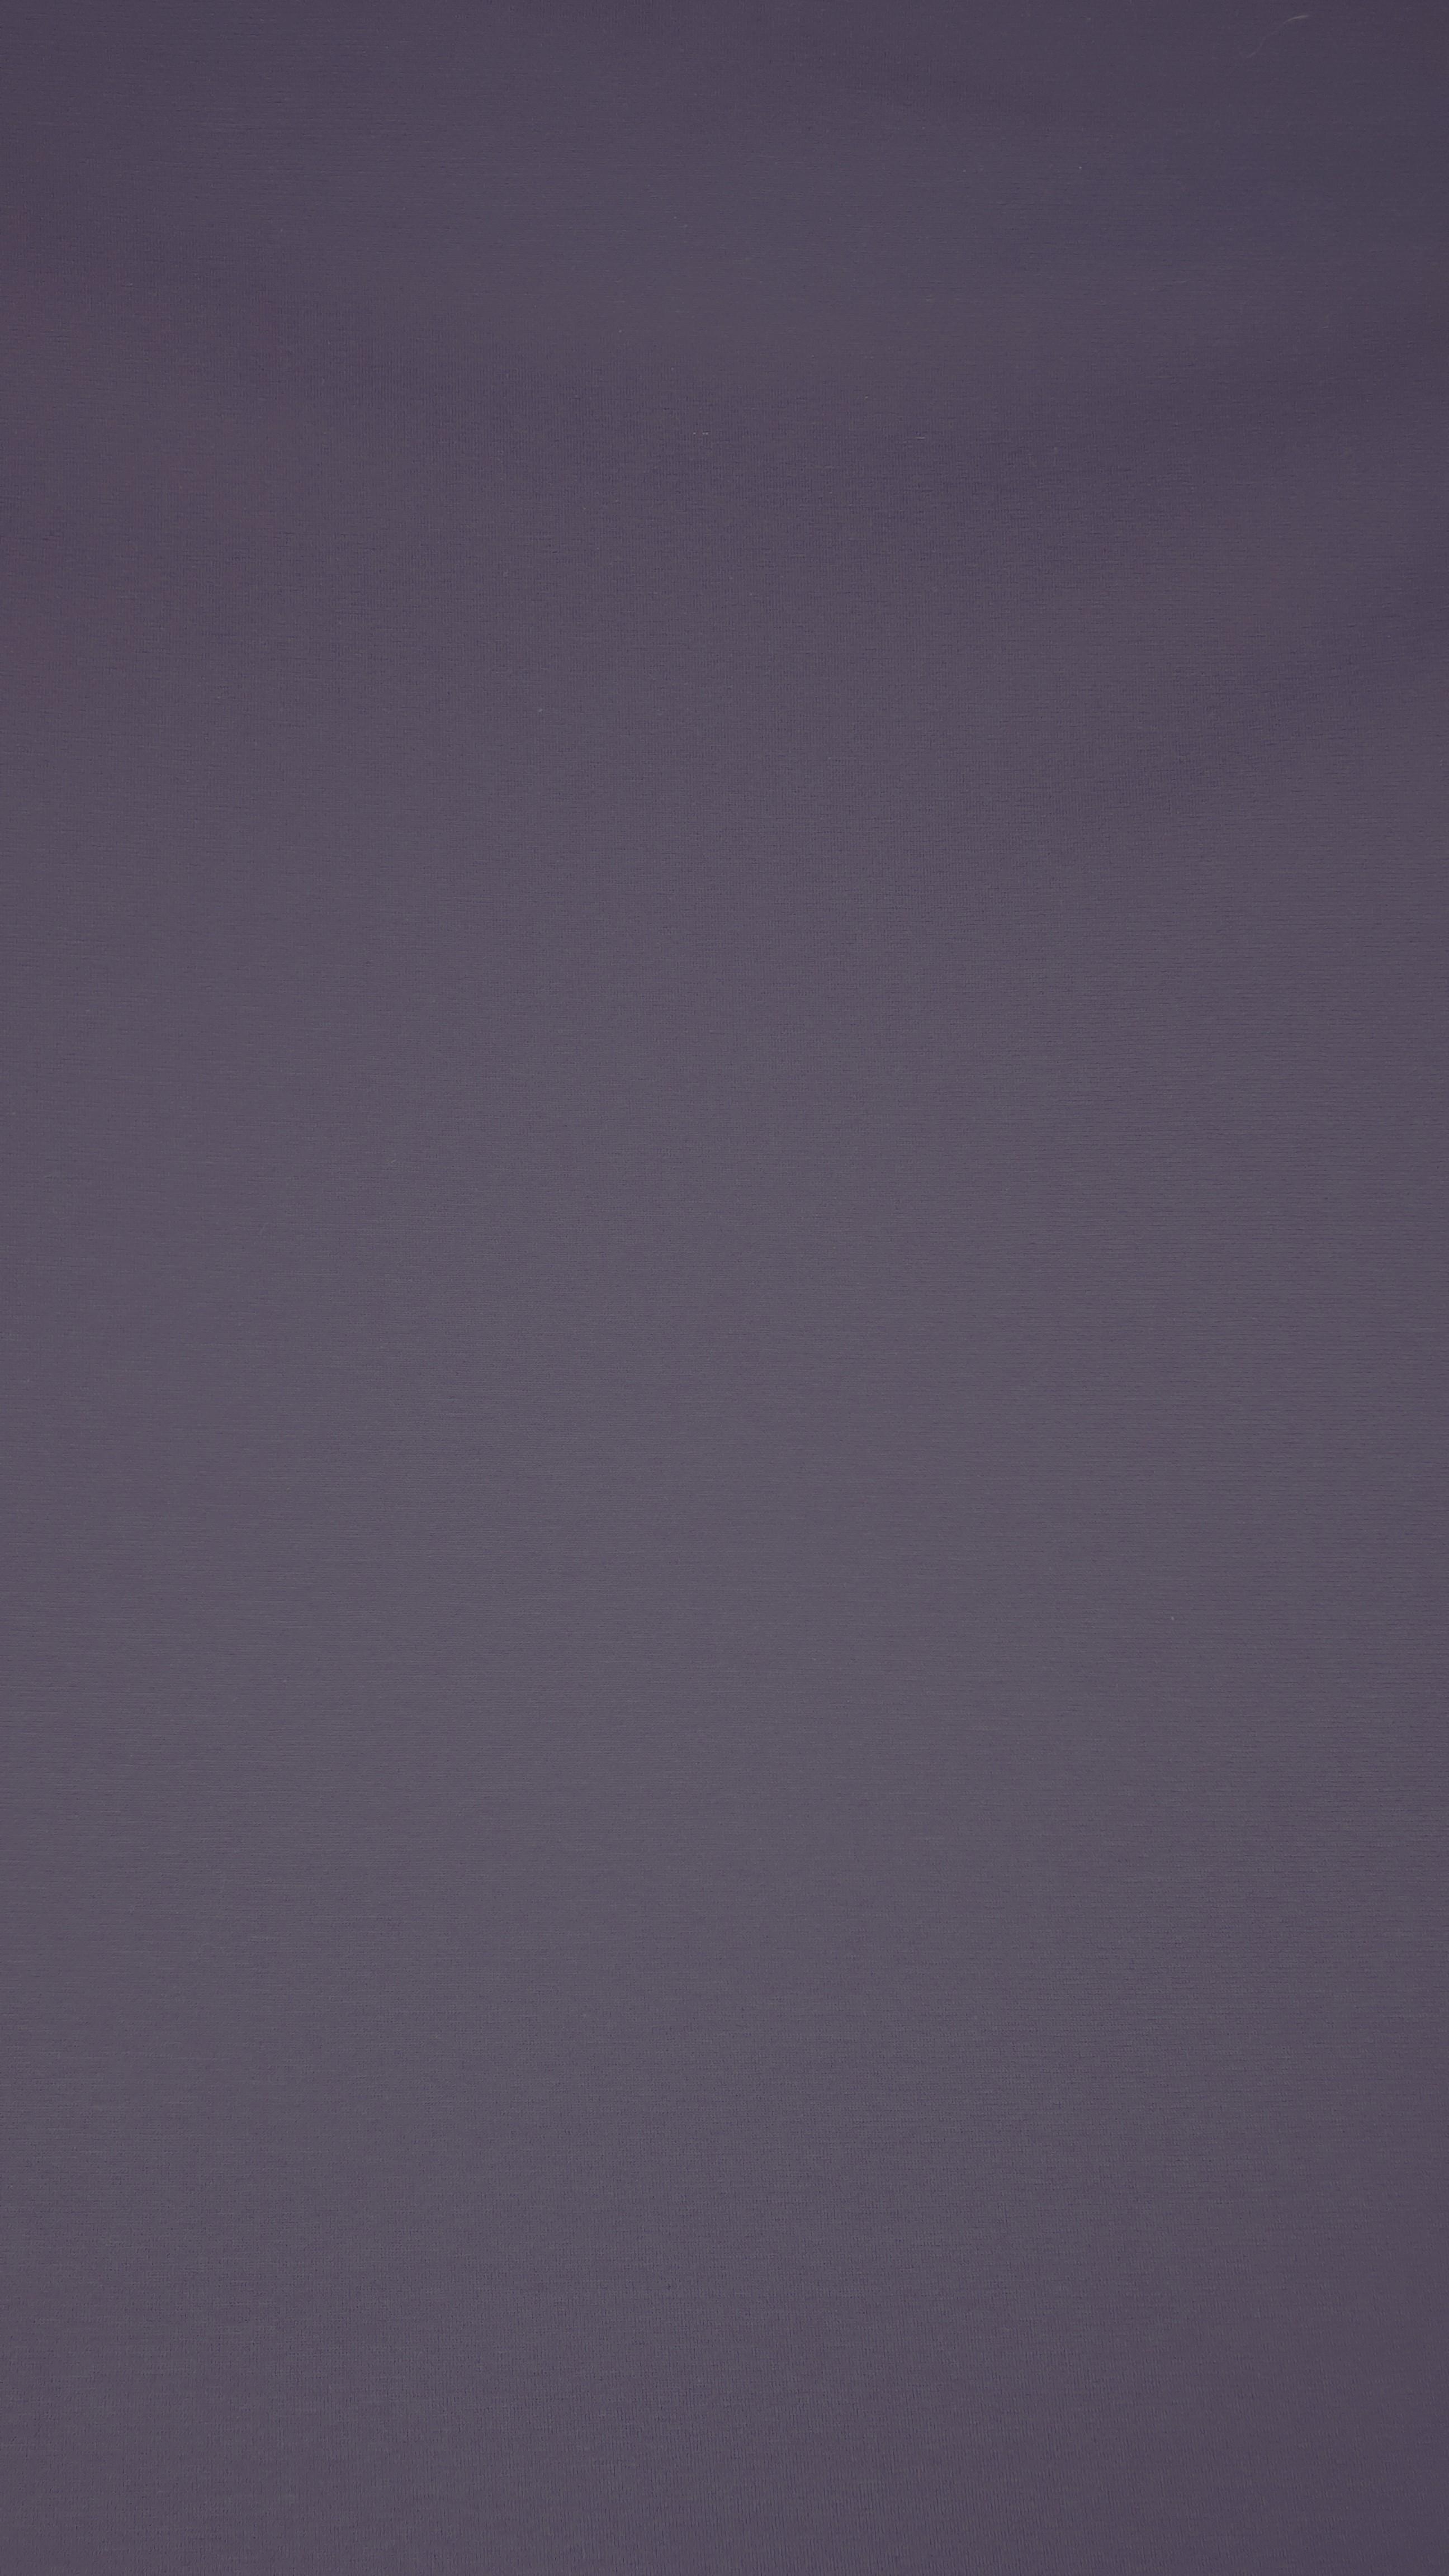 Violētas krāsas trikotāža - viskoze ar elastānu